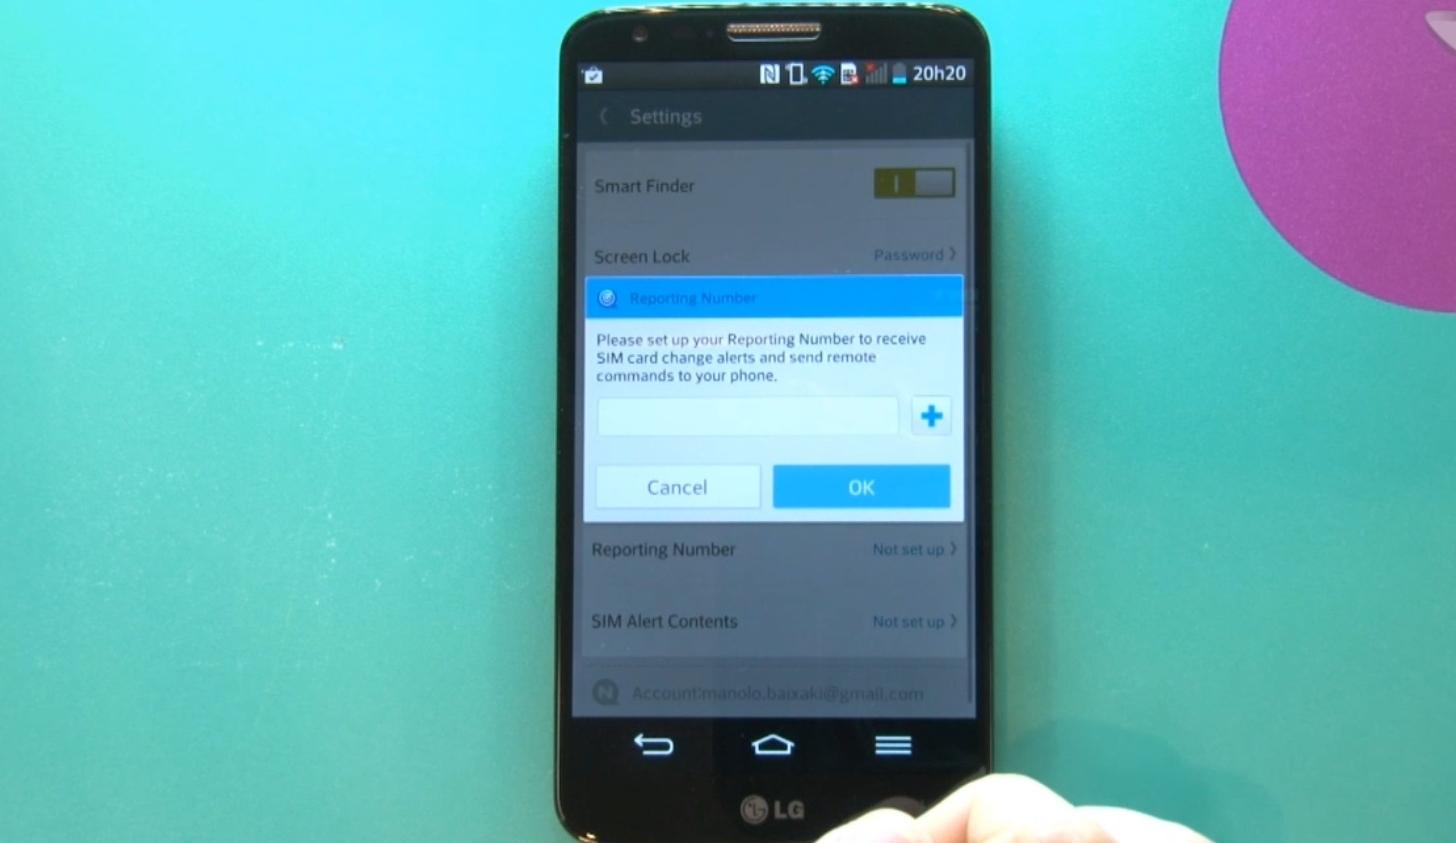 Como localizar um celular samsung s5